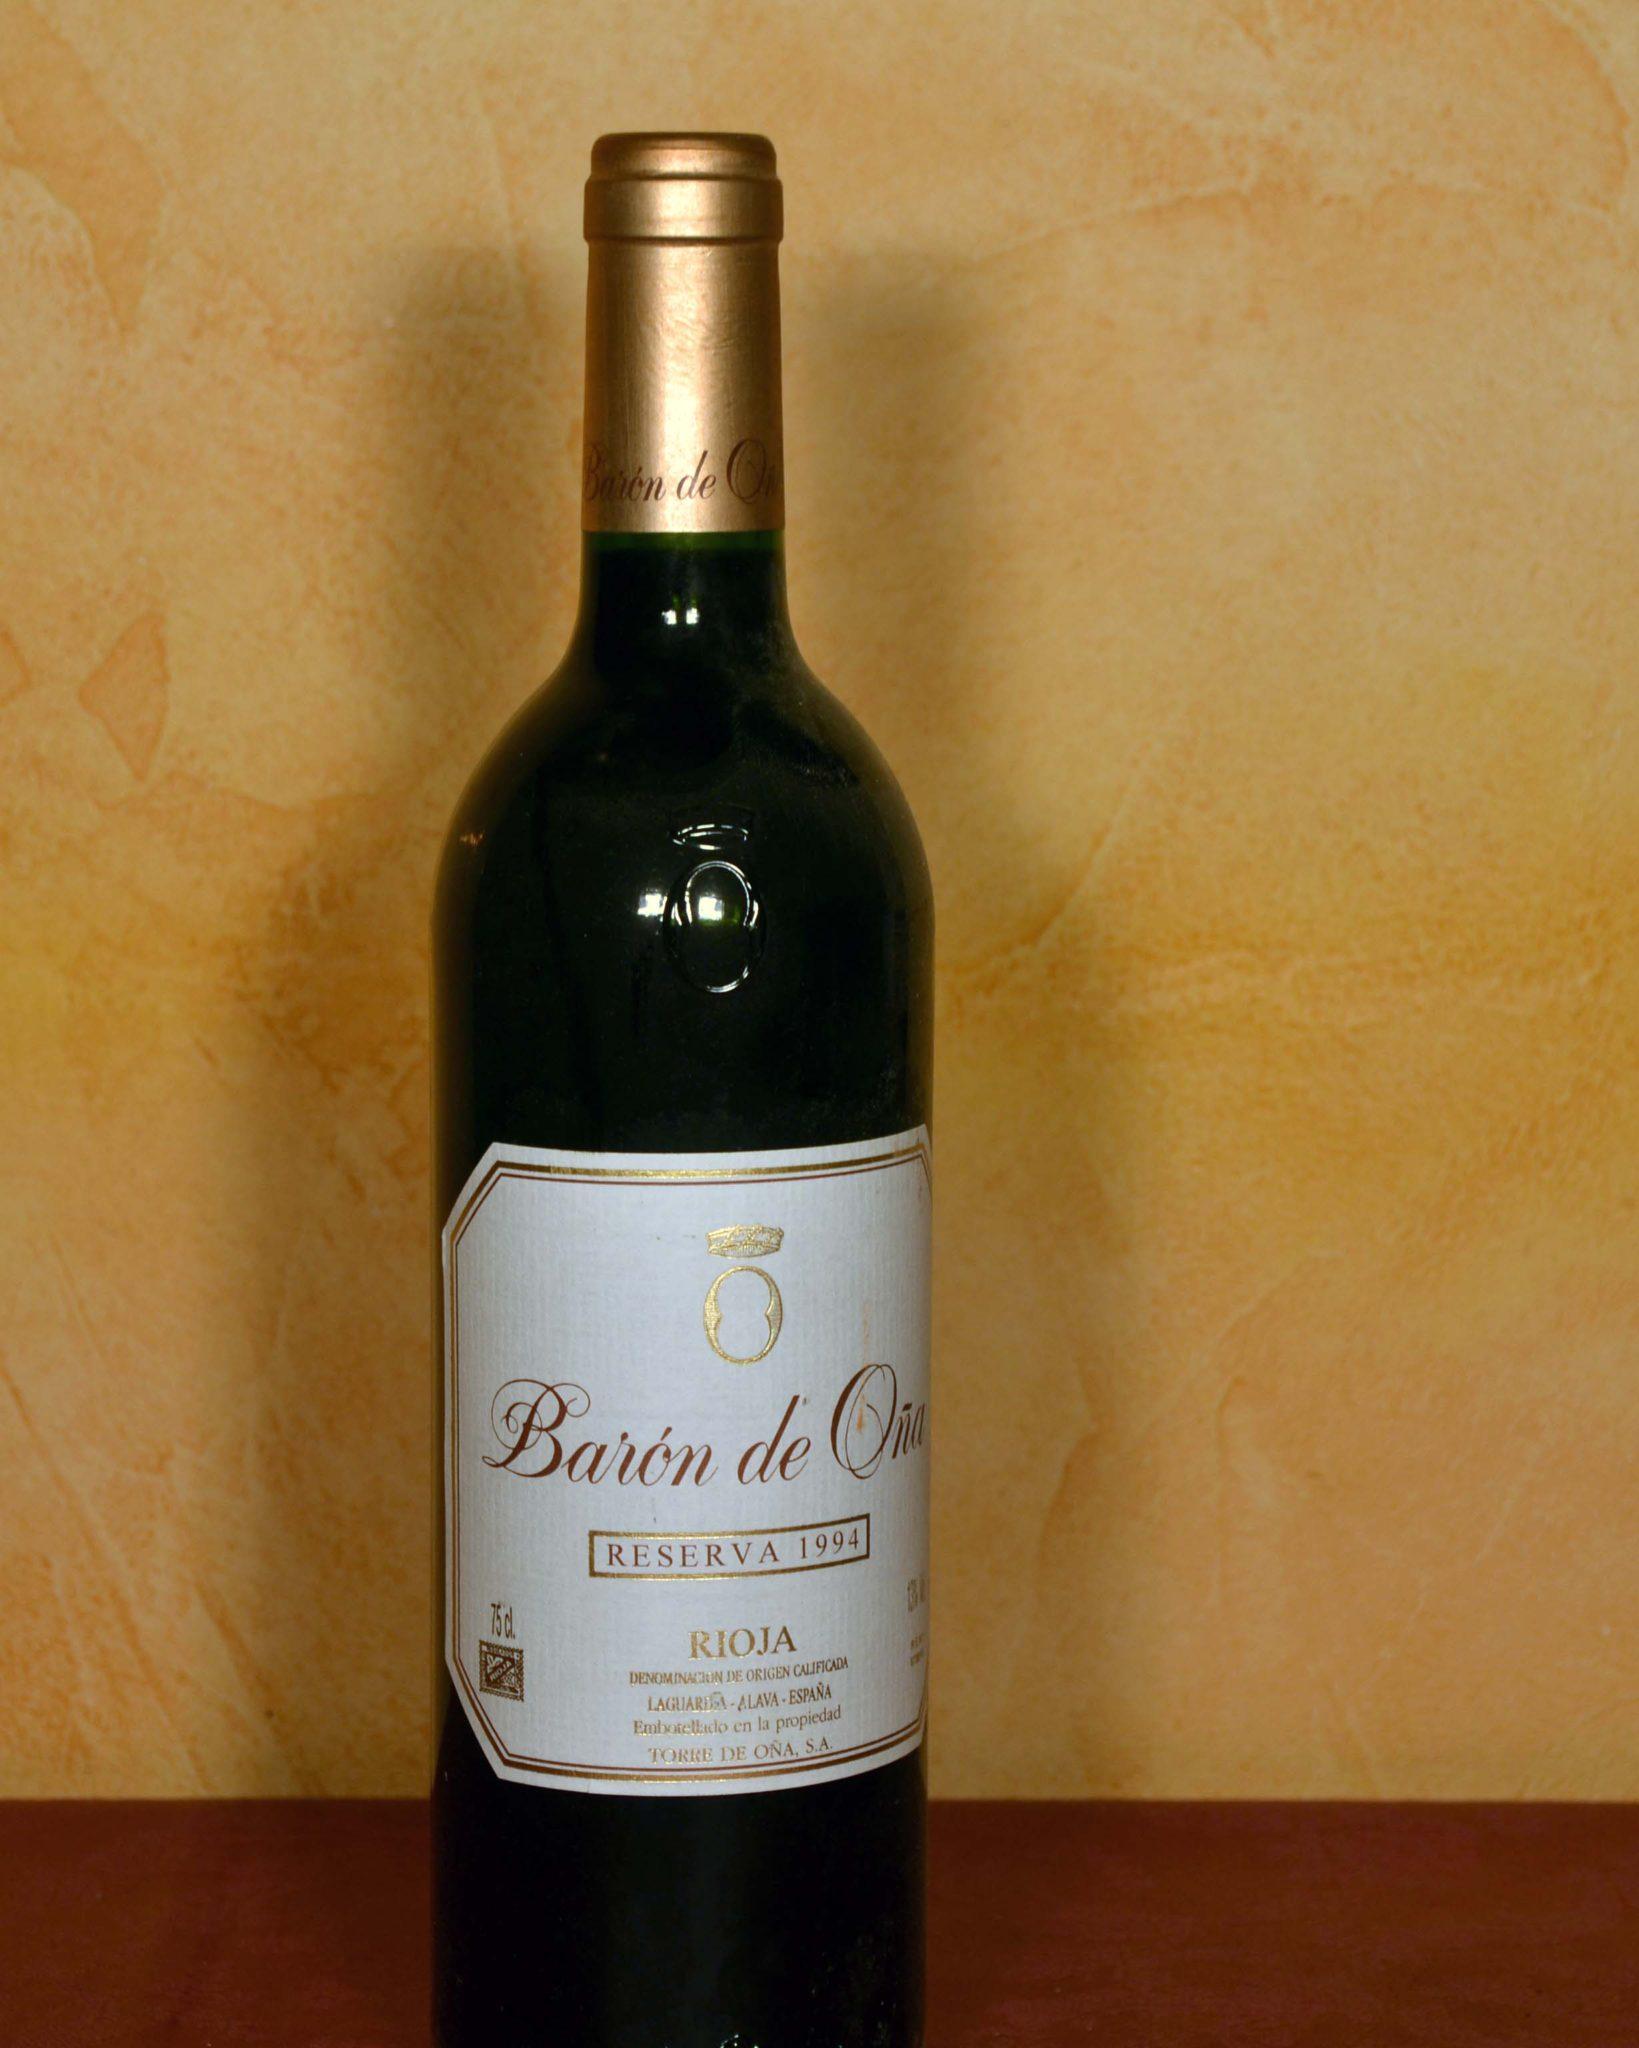 Baron_de_Oña_Reserva_1994